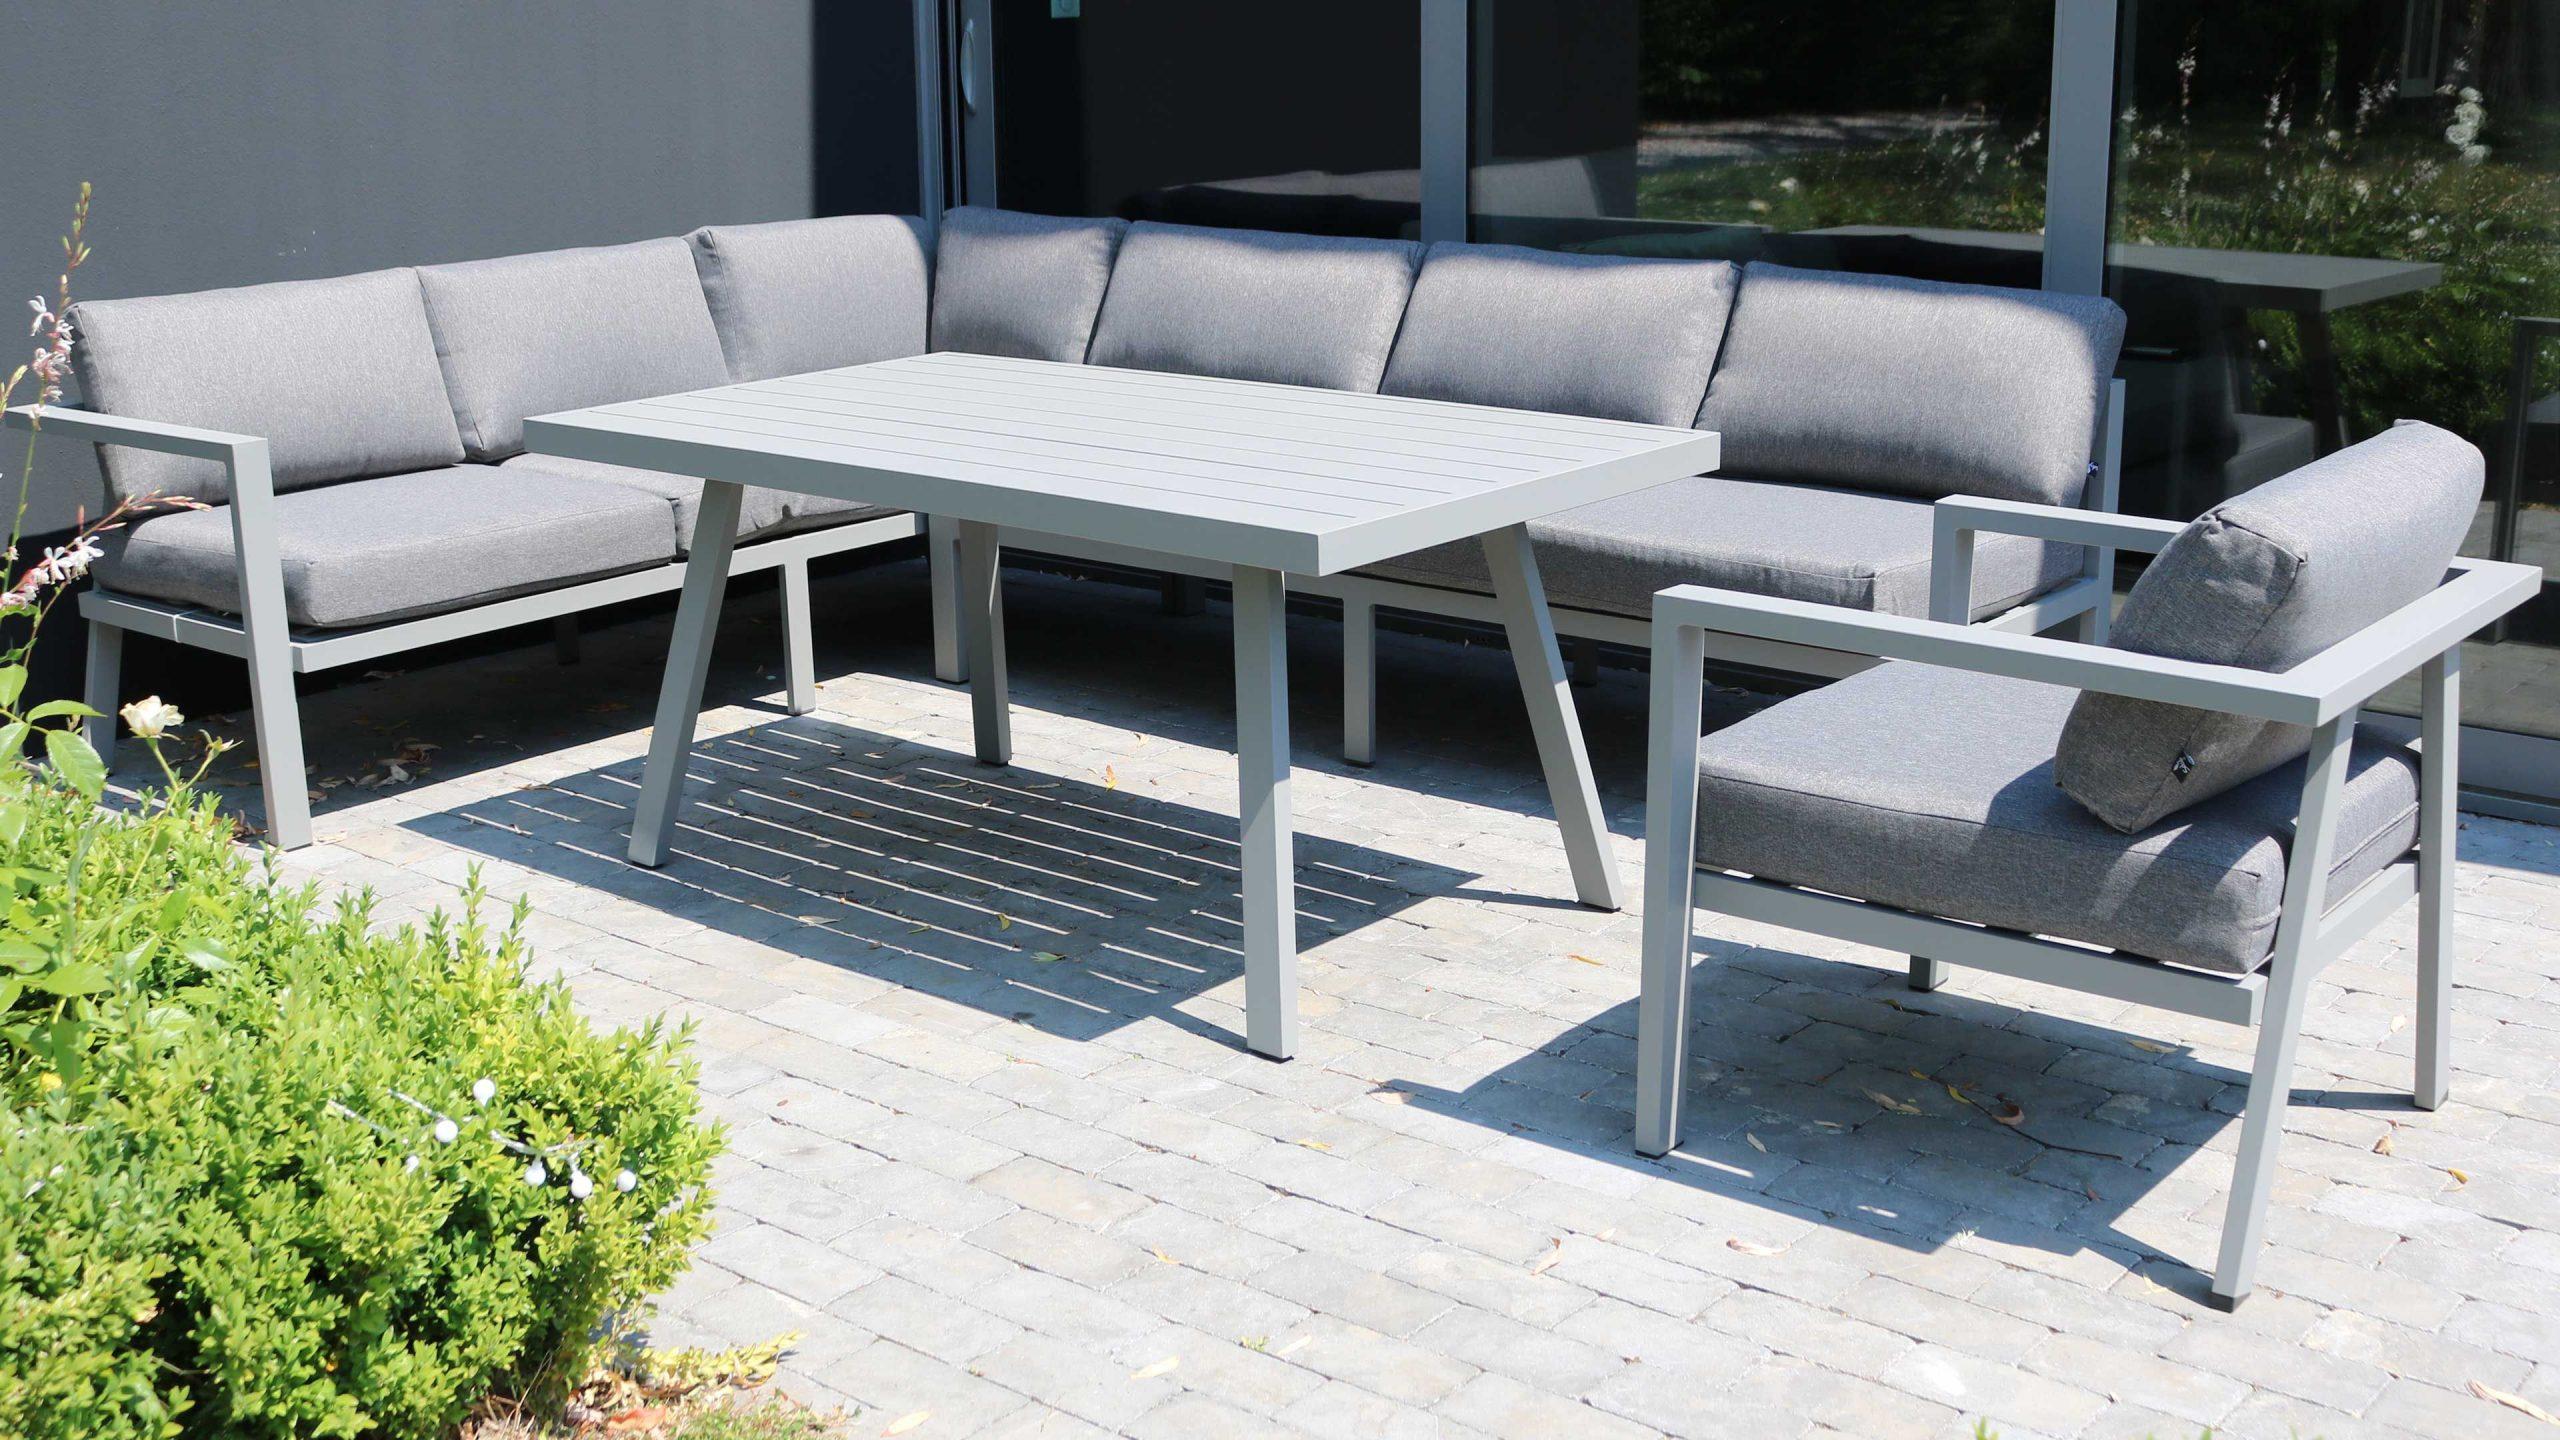 Salon Jardin Table Fauteuil Canapé D'angle dedans Table De Jardin Aluminium Et Composite